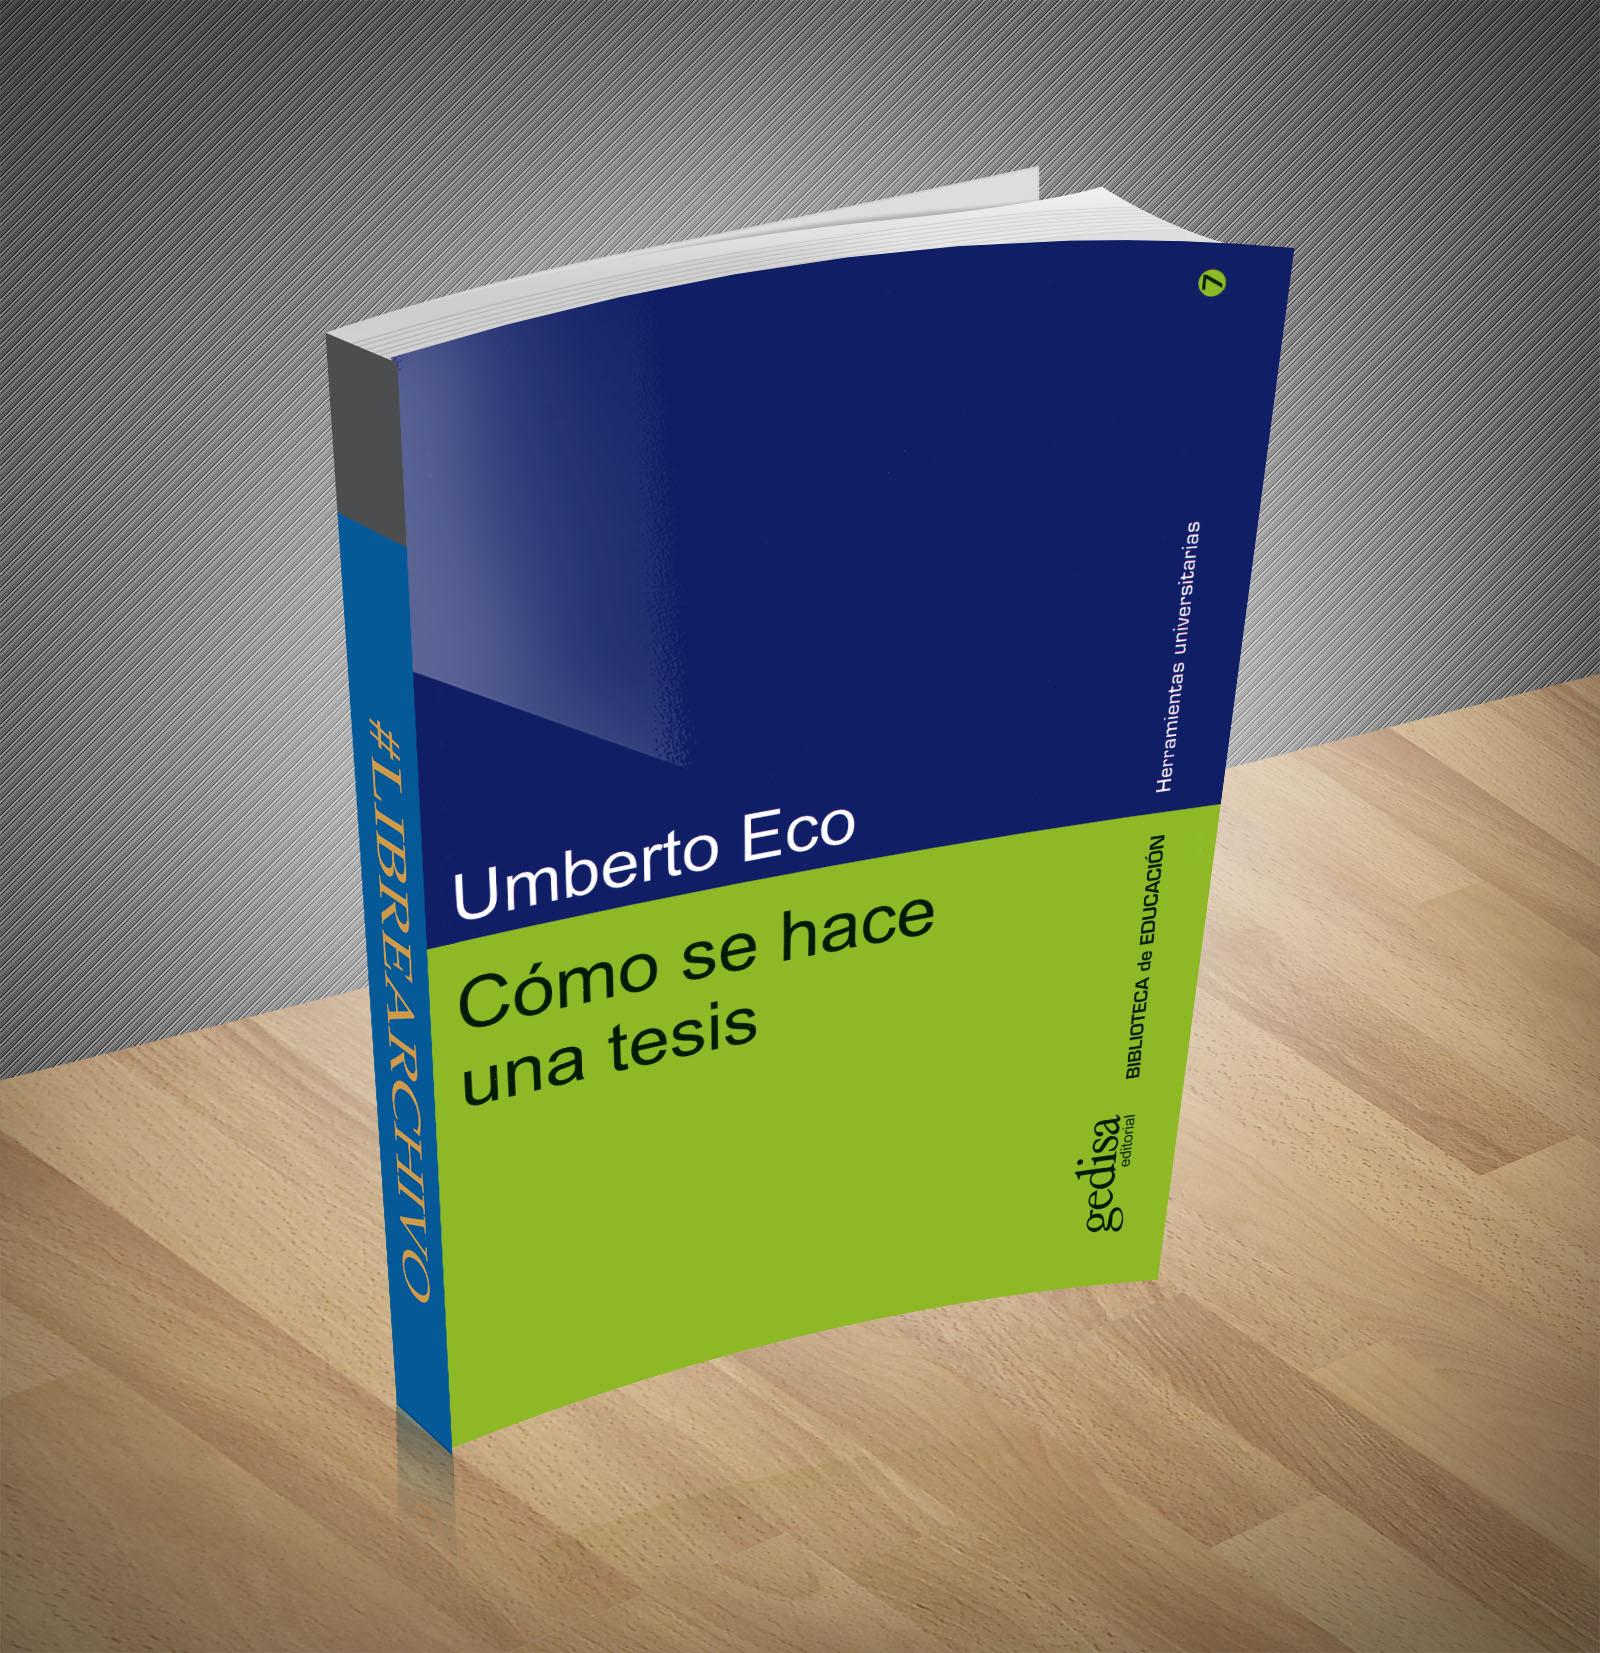 Como se hace una tesis - Umberto Eco - Ebook - PDF